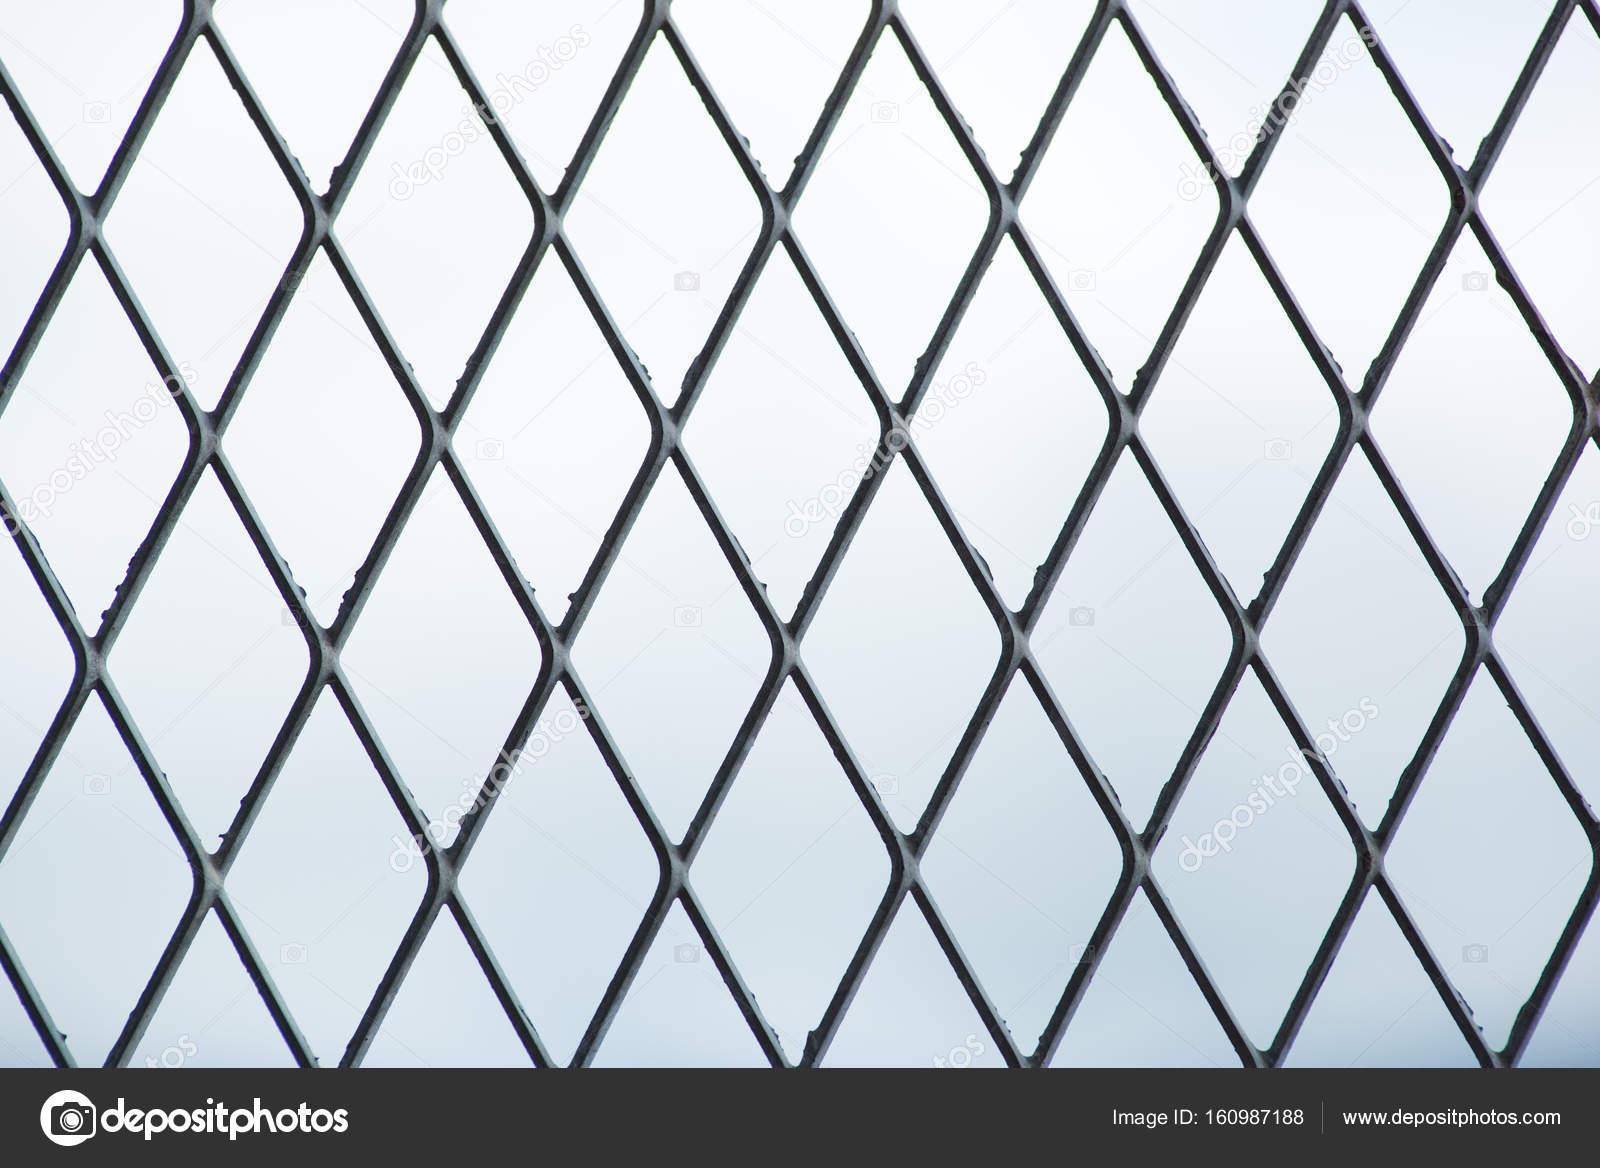 Maschendraht auf Himmelshintergrund — Stockfoto © YMCPhoto #160987188